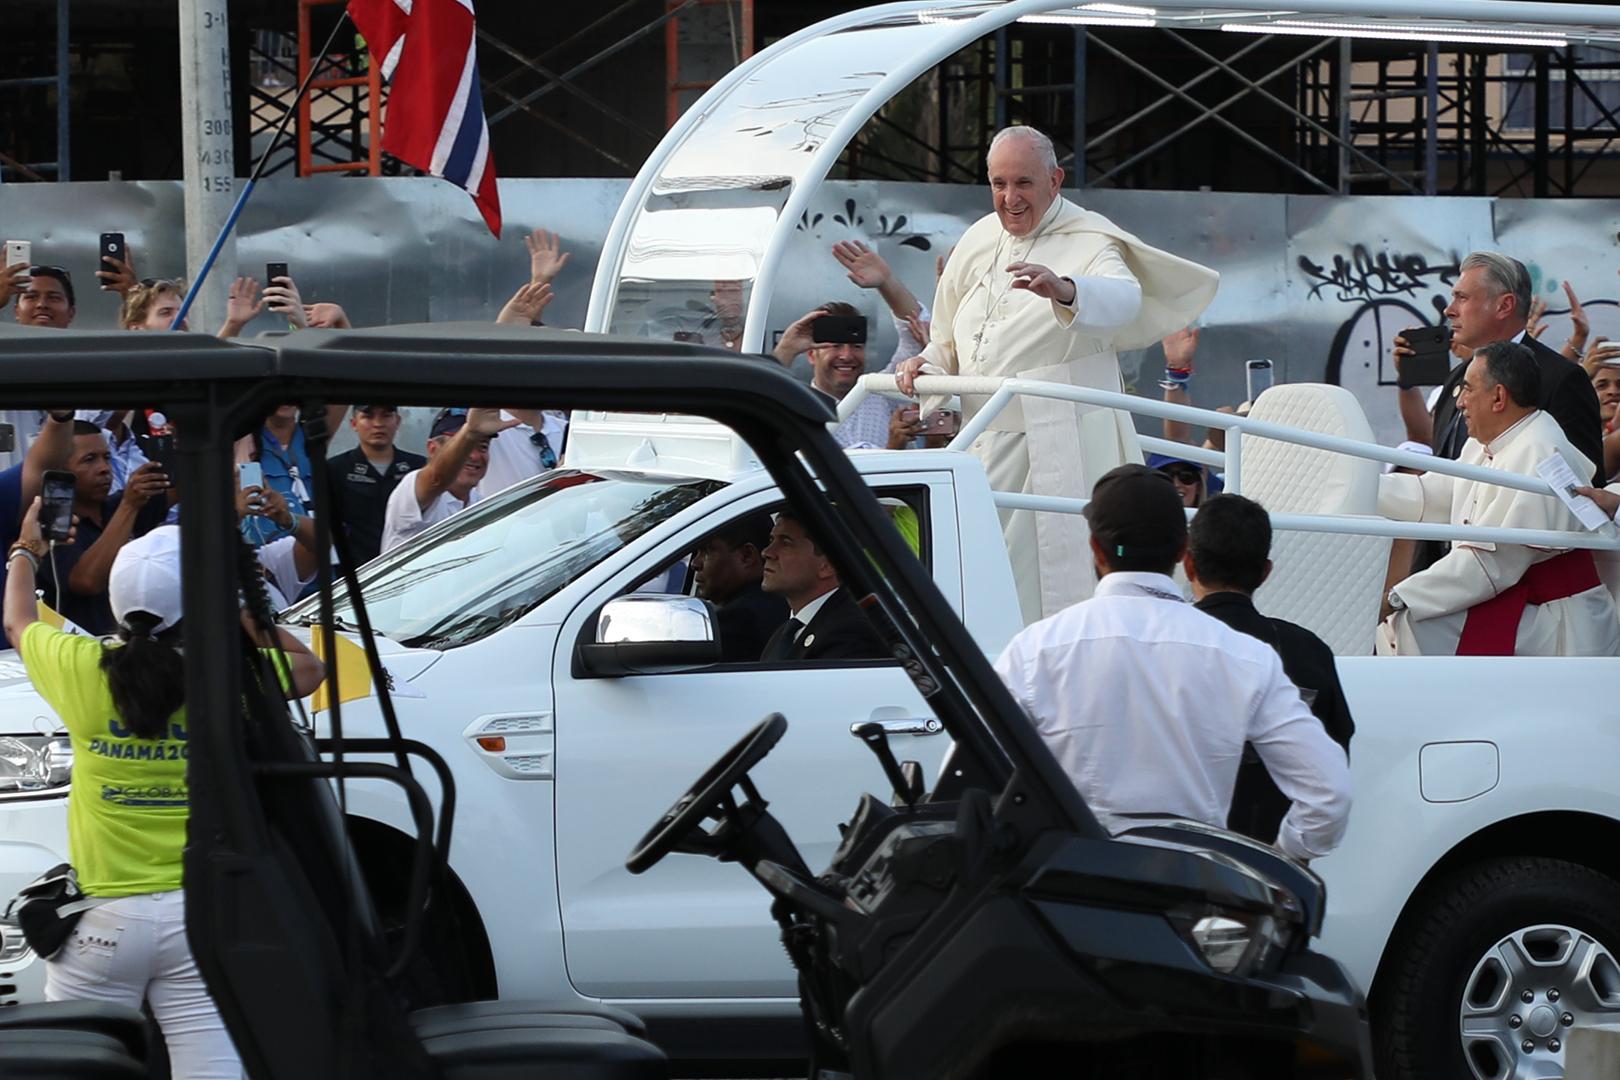 2019 01 News Wjt Papstempfang Foto1